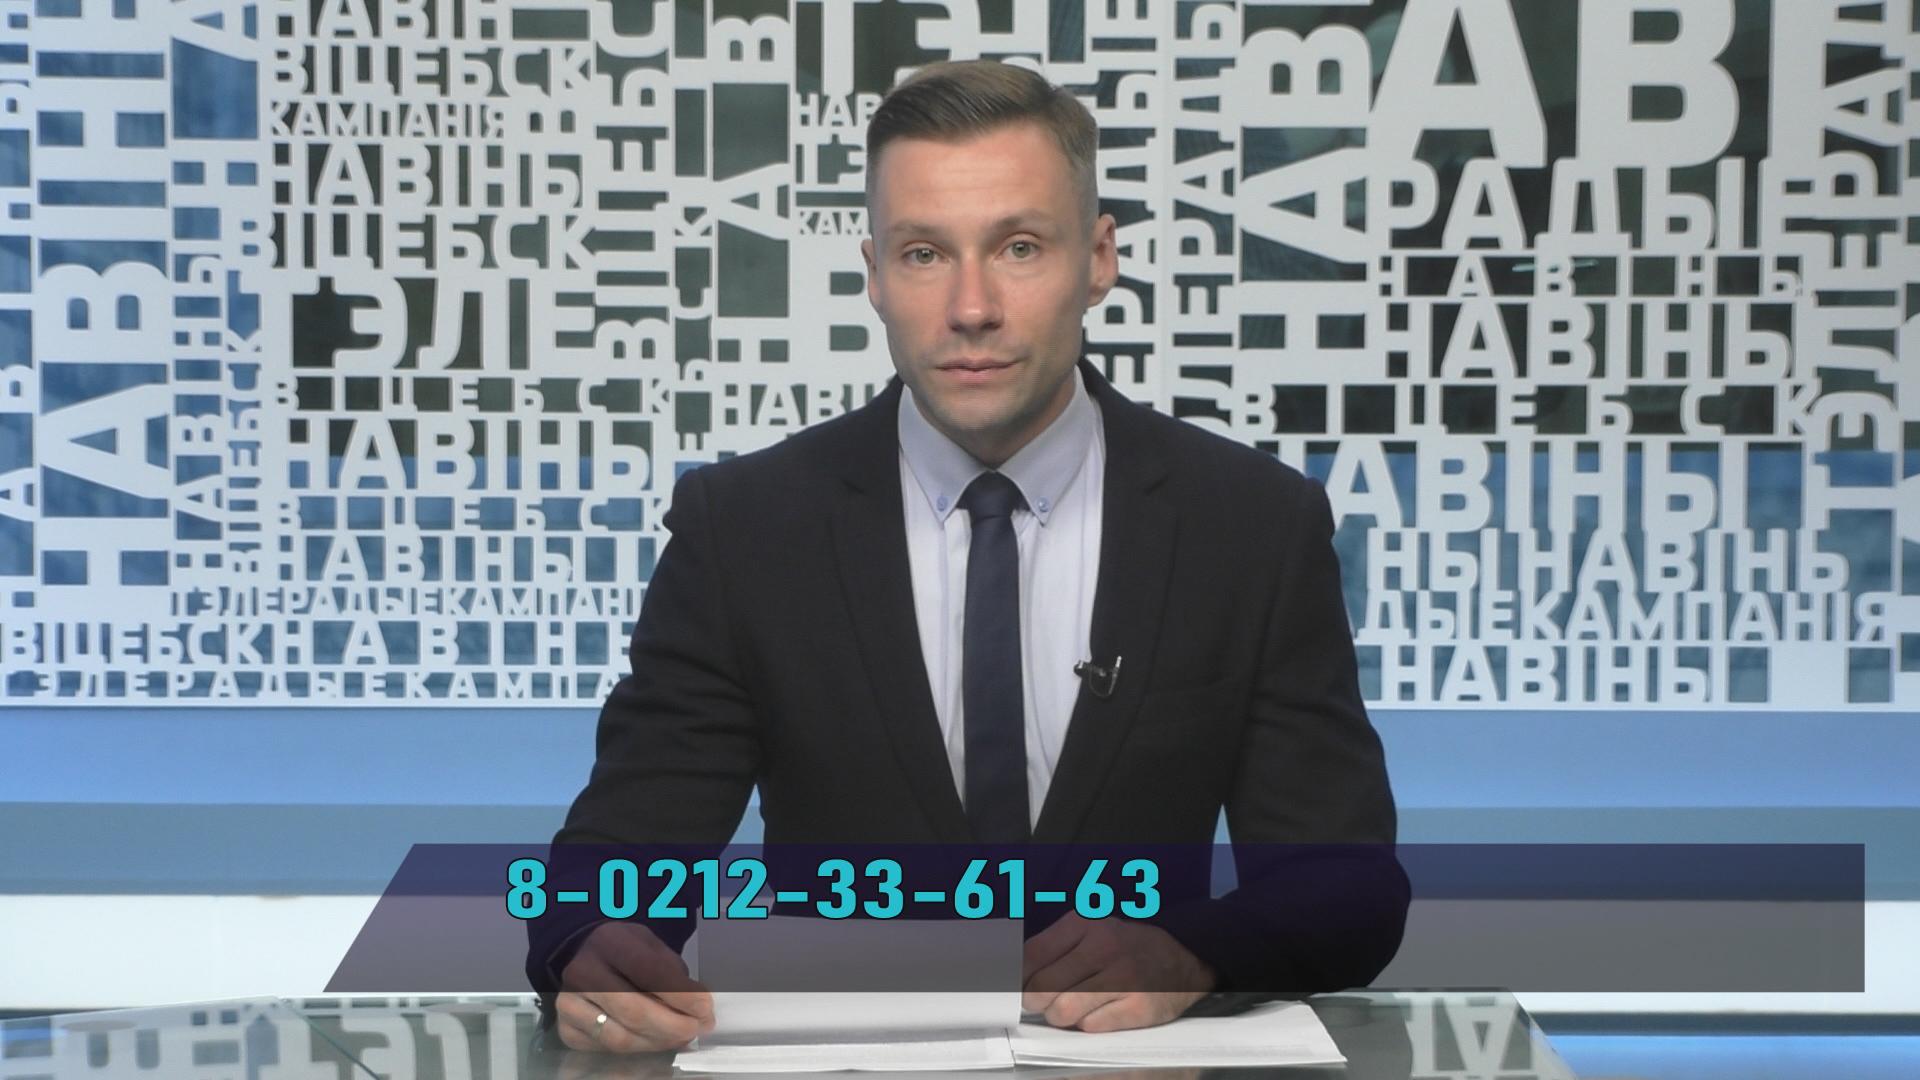 telefon - Облисполком открыл горячую линию (видео)